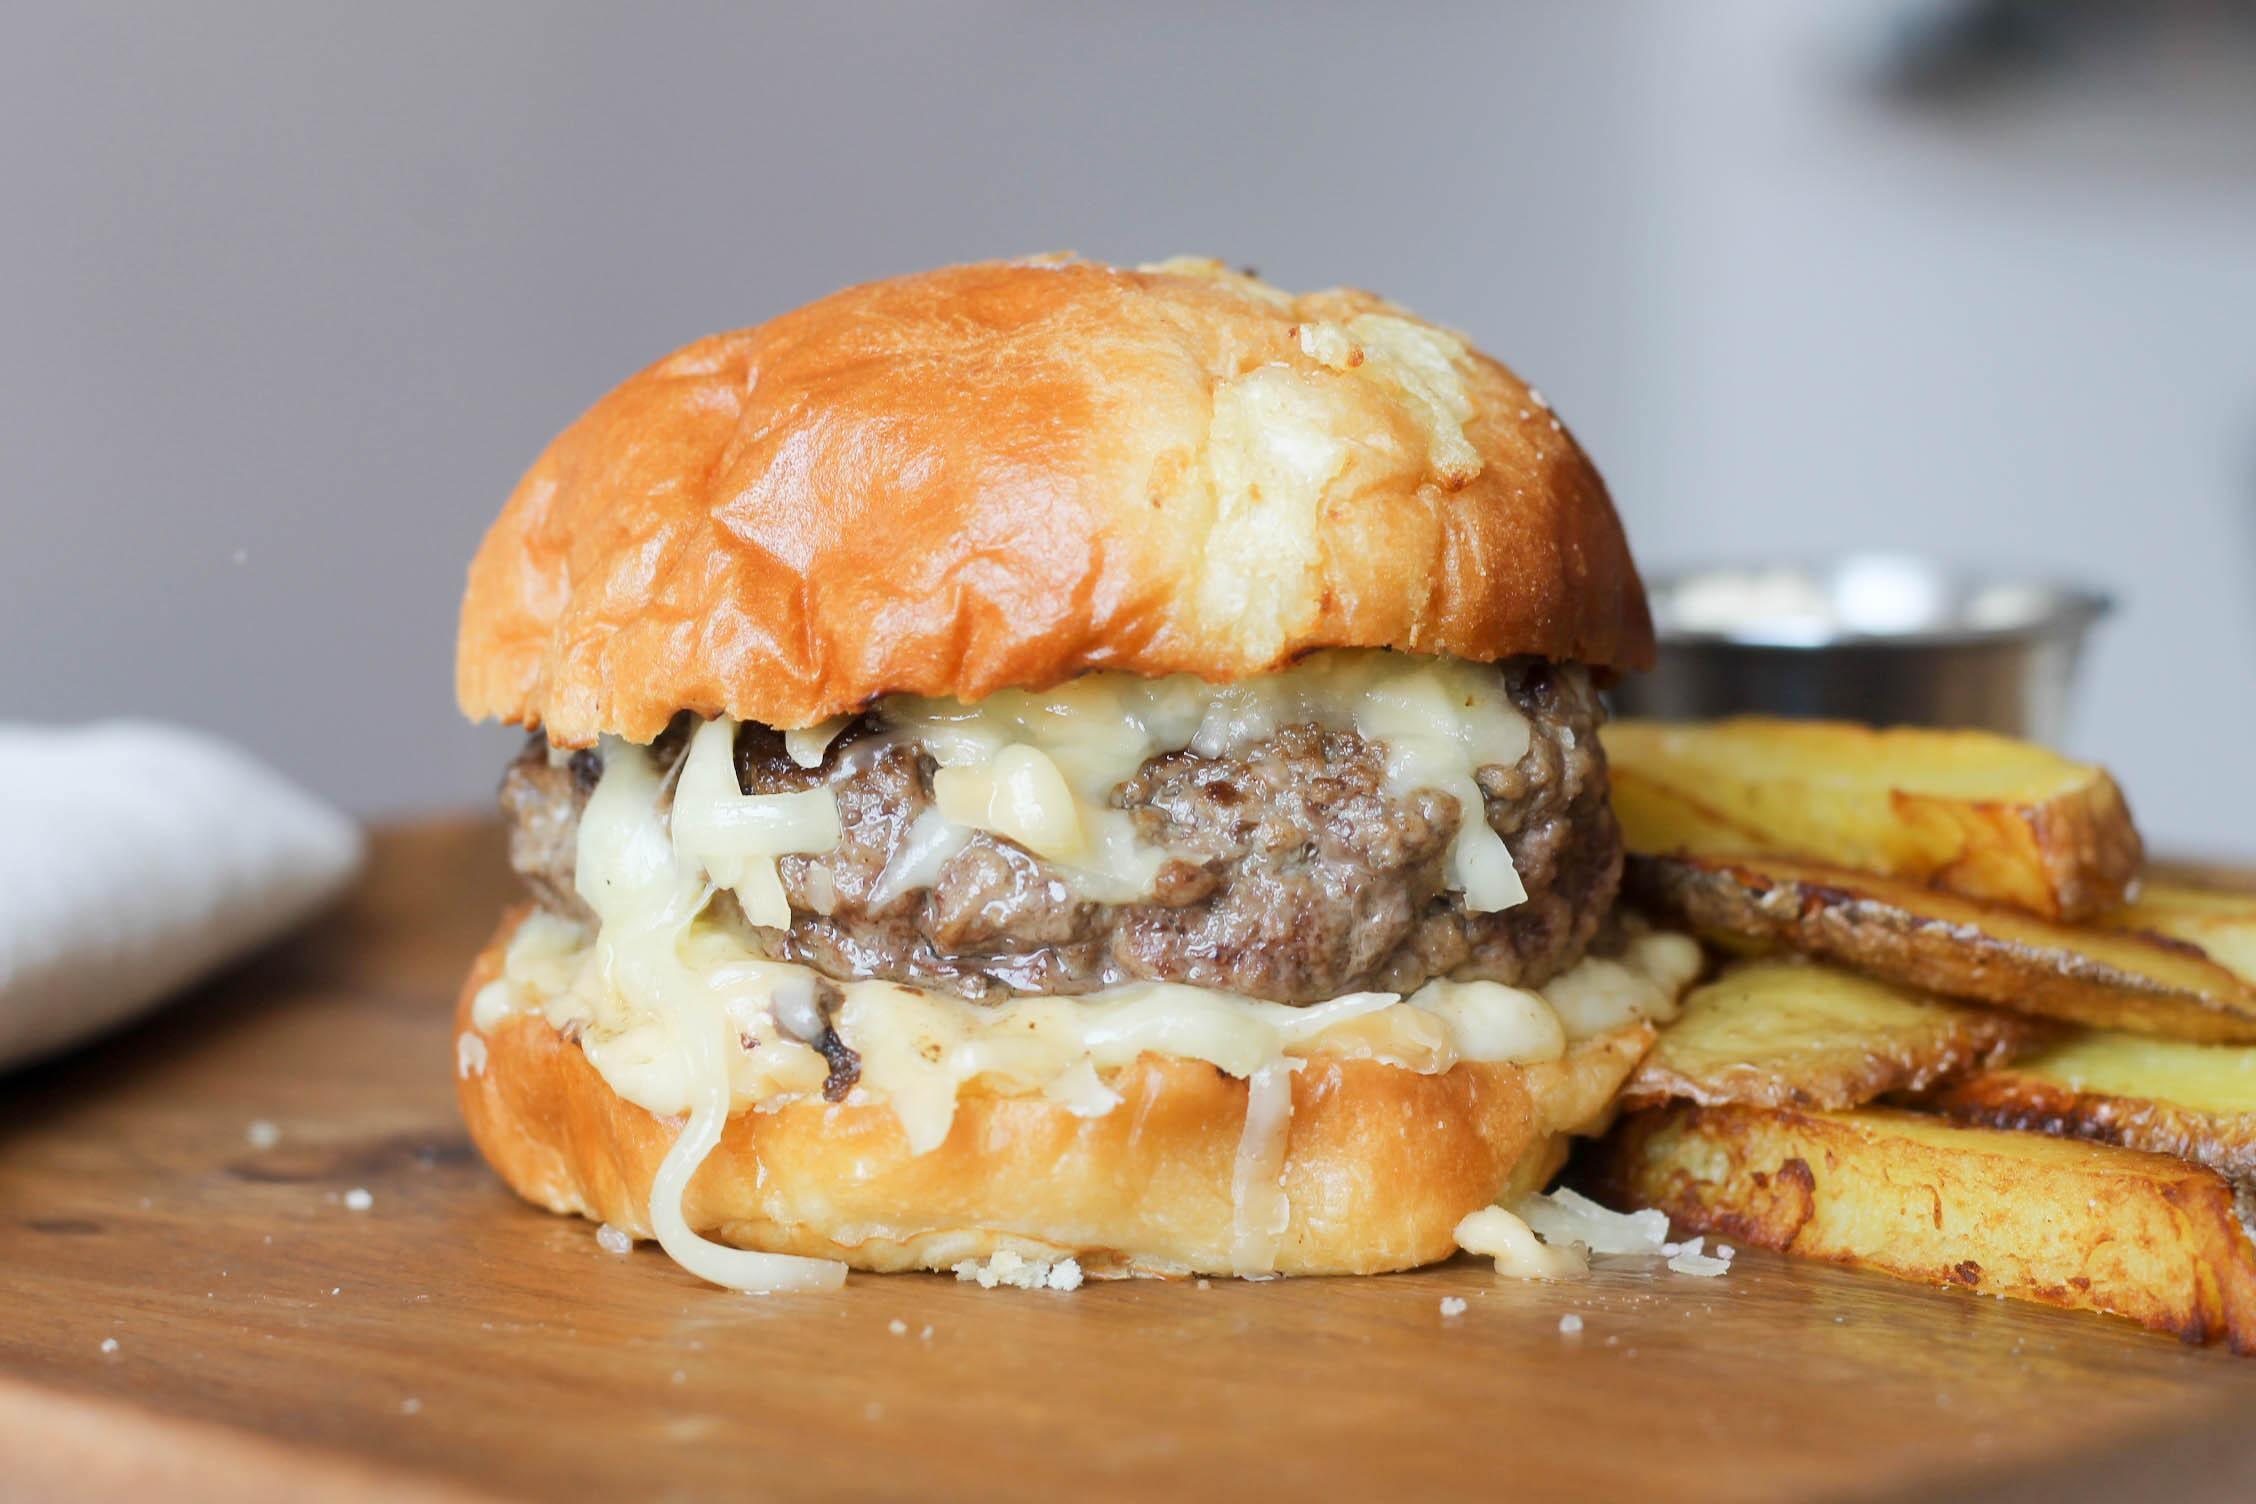 Triple Cheese Burger